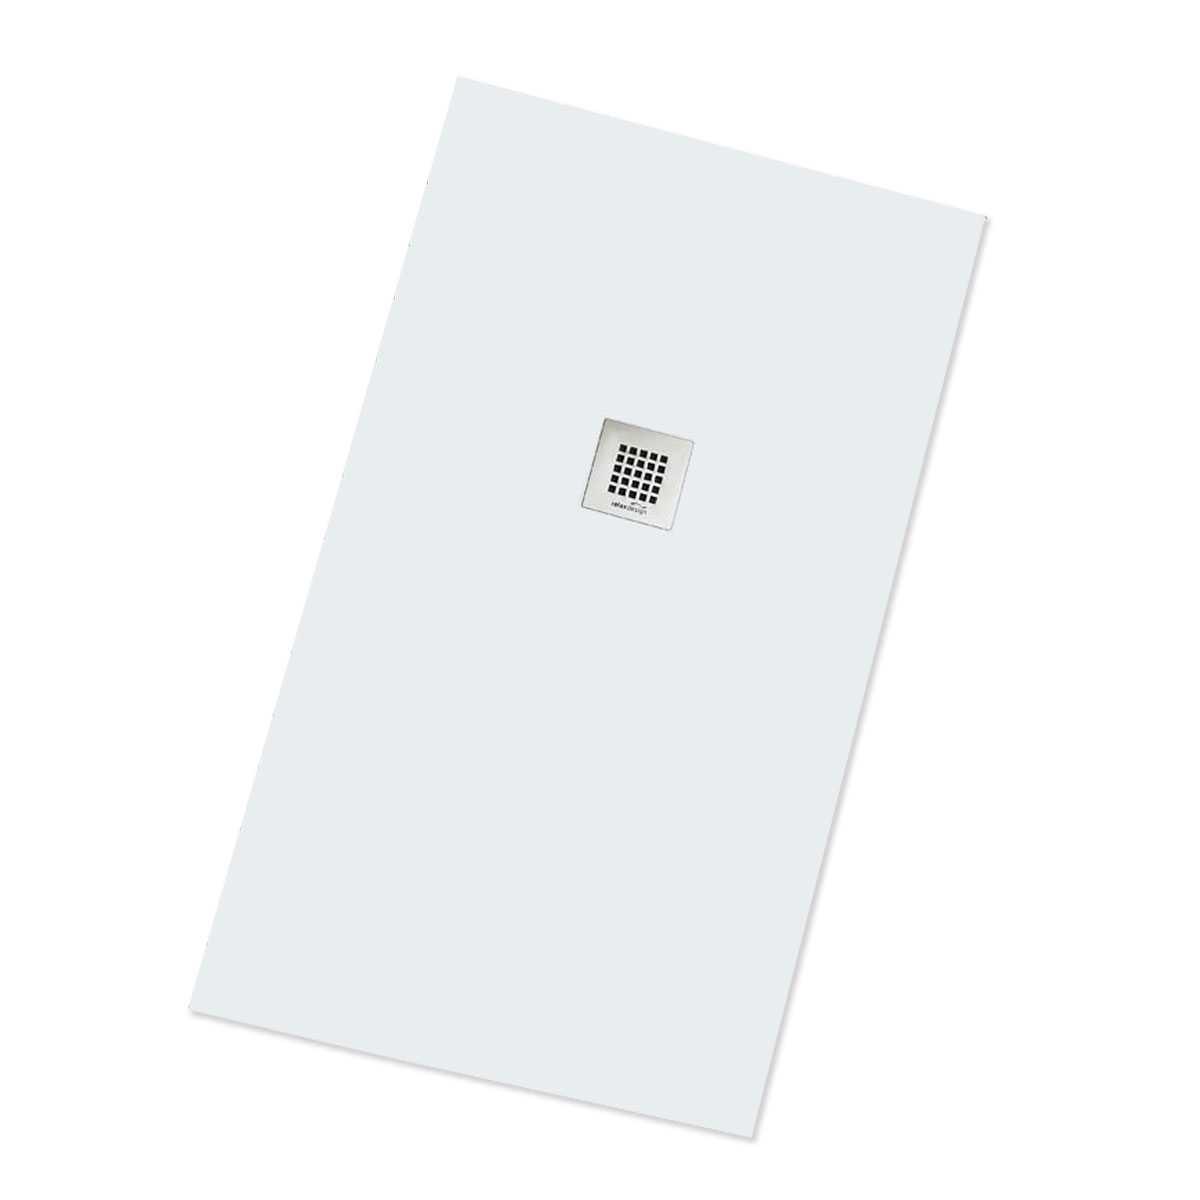 Piatto doccia ultrapiatto 80x140 colorato realizzato in solid surface Rocky Solid in 16 colori moderni